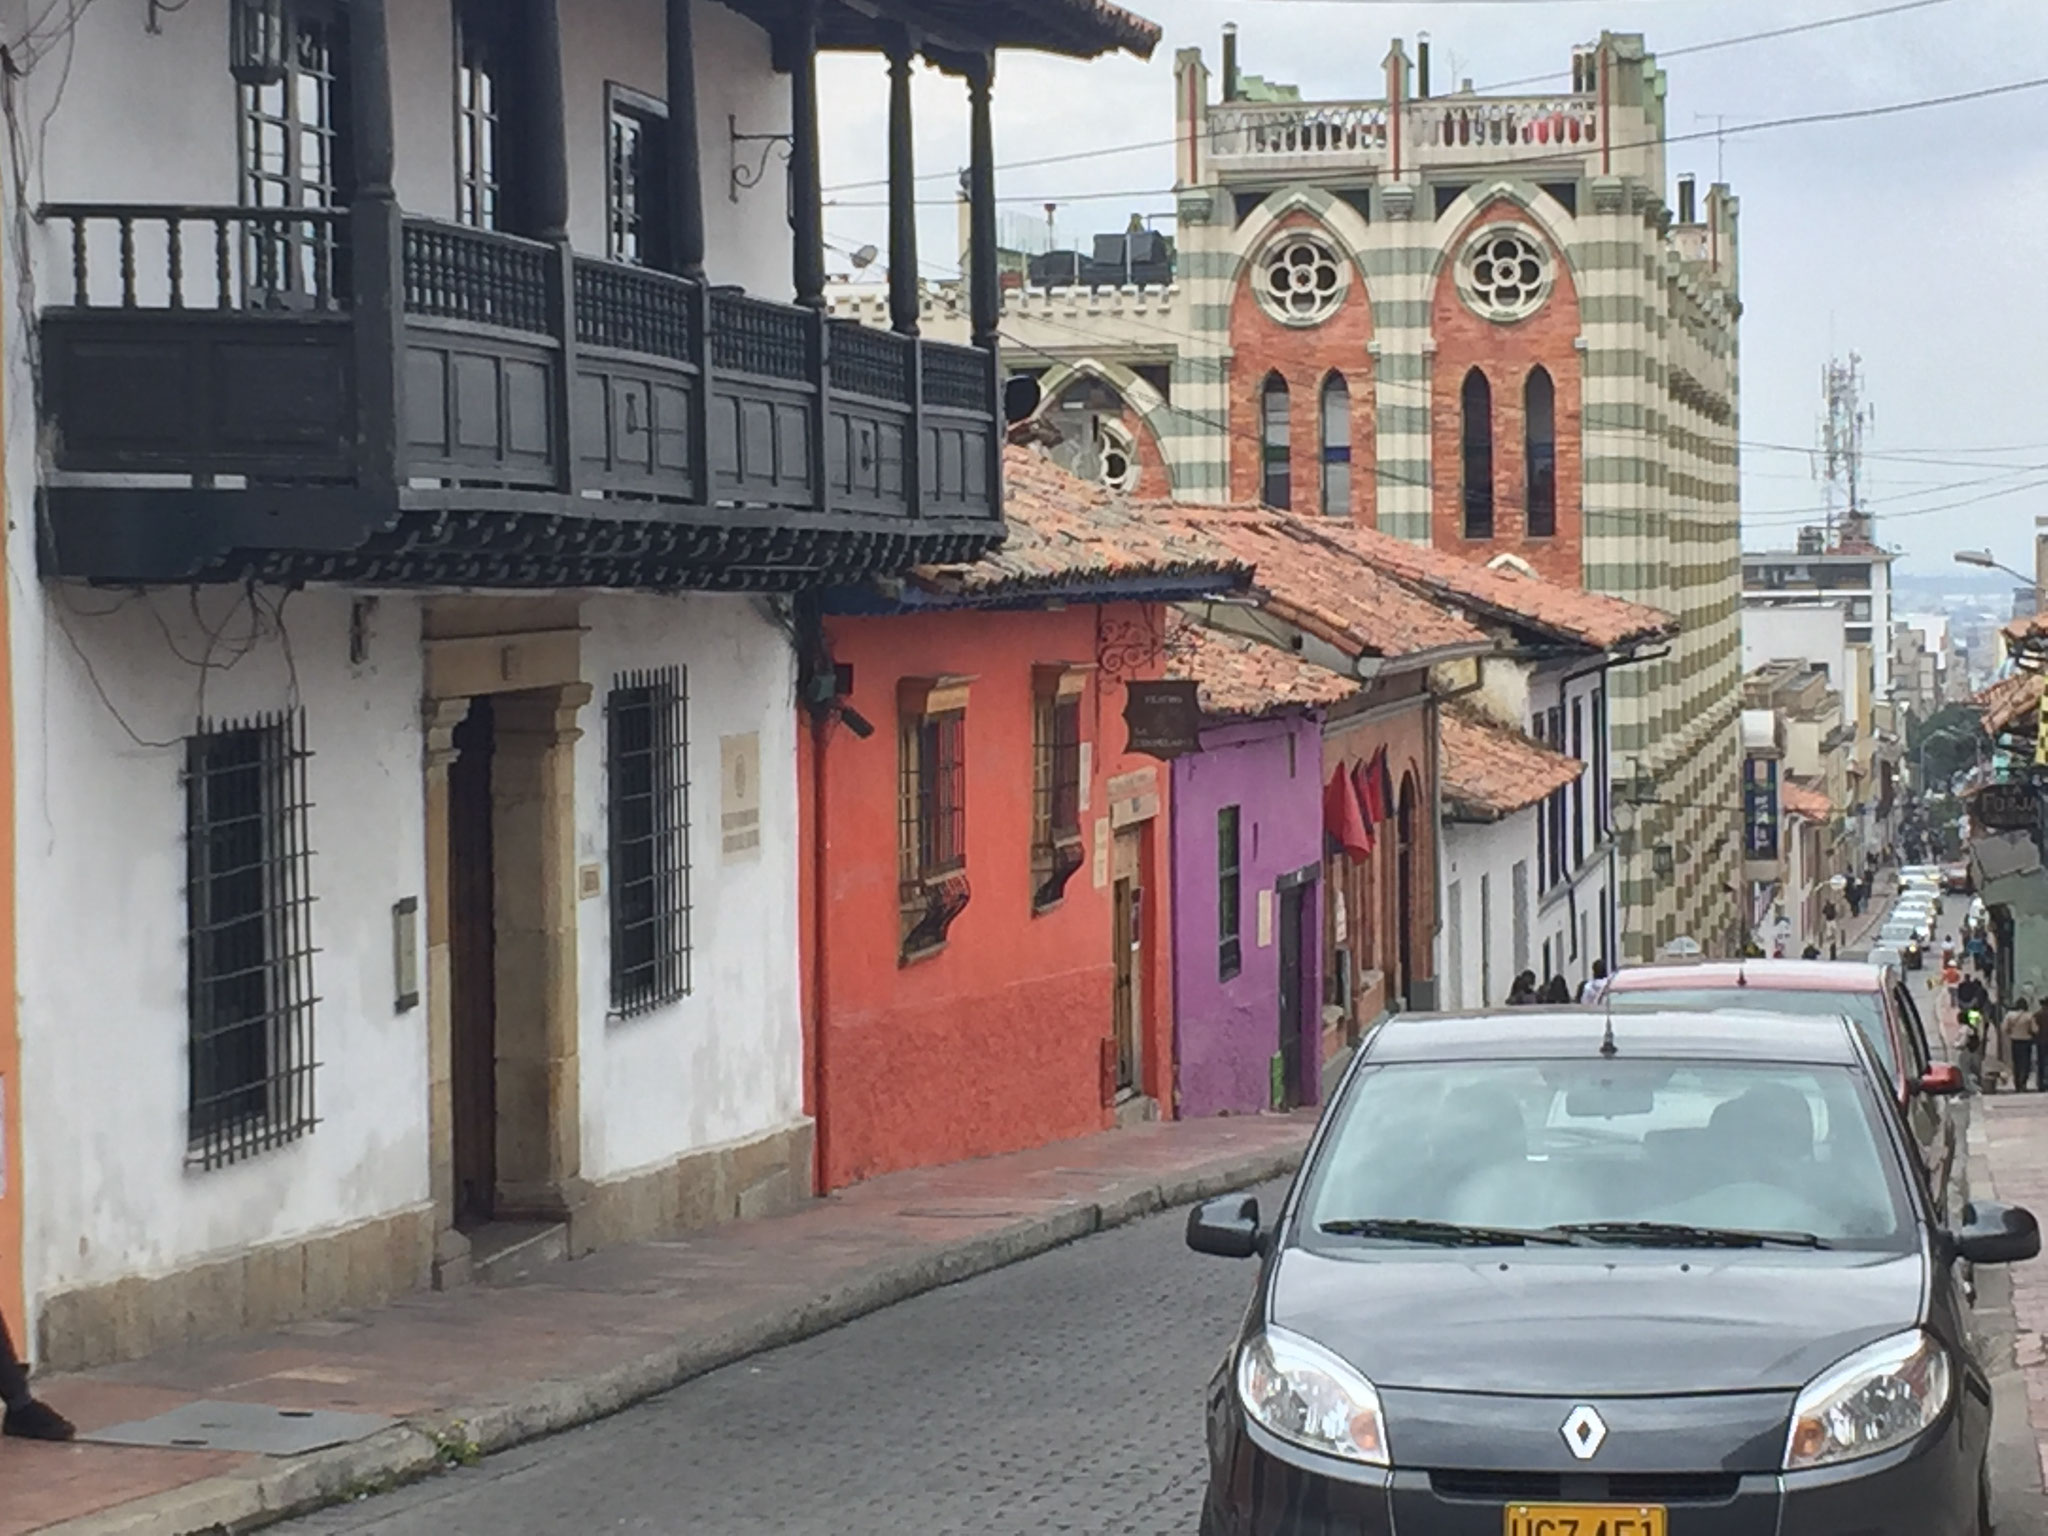 und auch viele Häuser mit Balkonen